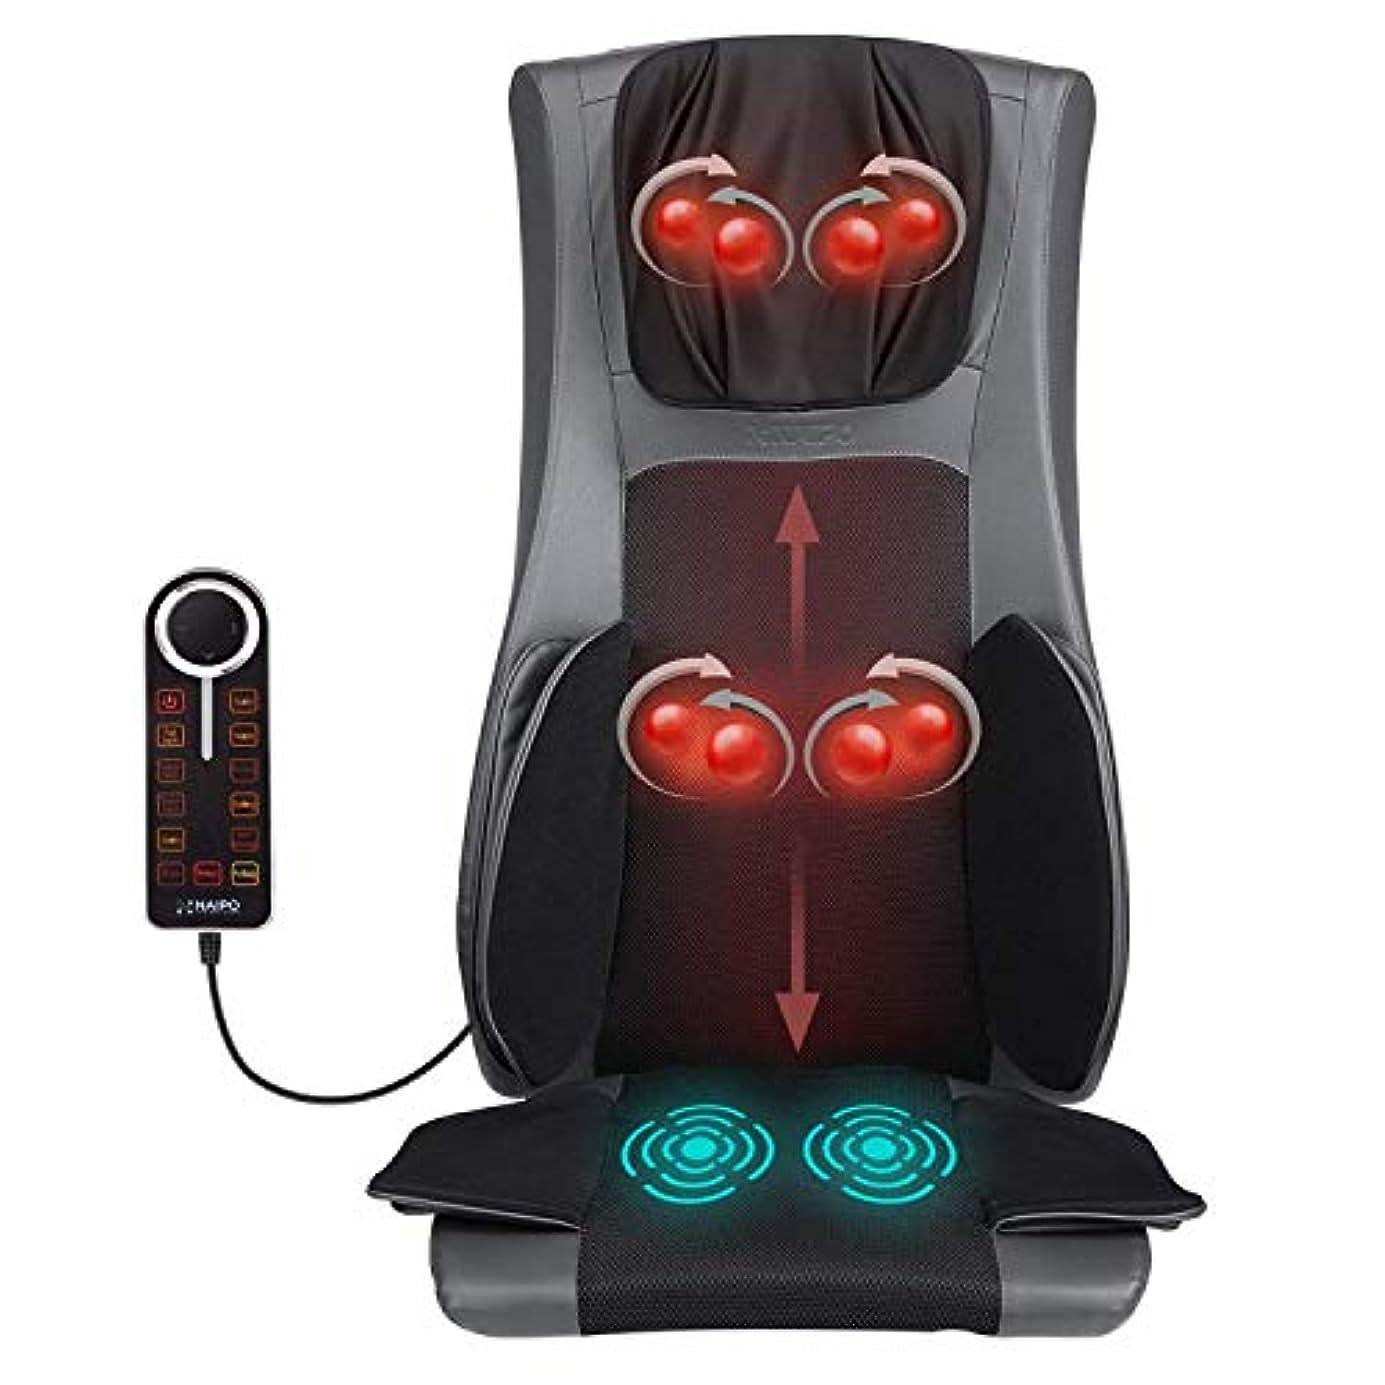 つかの間パイロットを必要としています[Naipo] [Naipo マッサージ機 Back Massager Shiatsu Massage Chair Cushion, Electric Full Body Massage Seat Pad with Soothing...